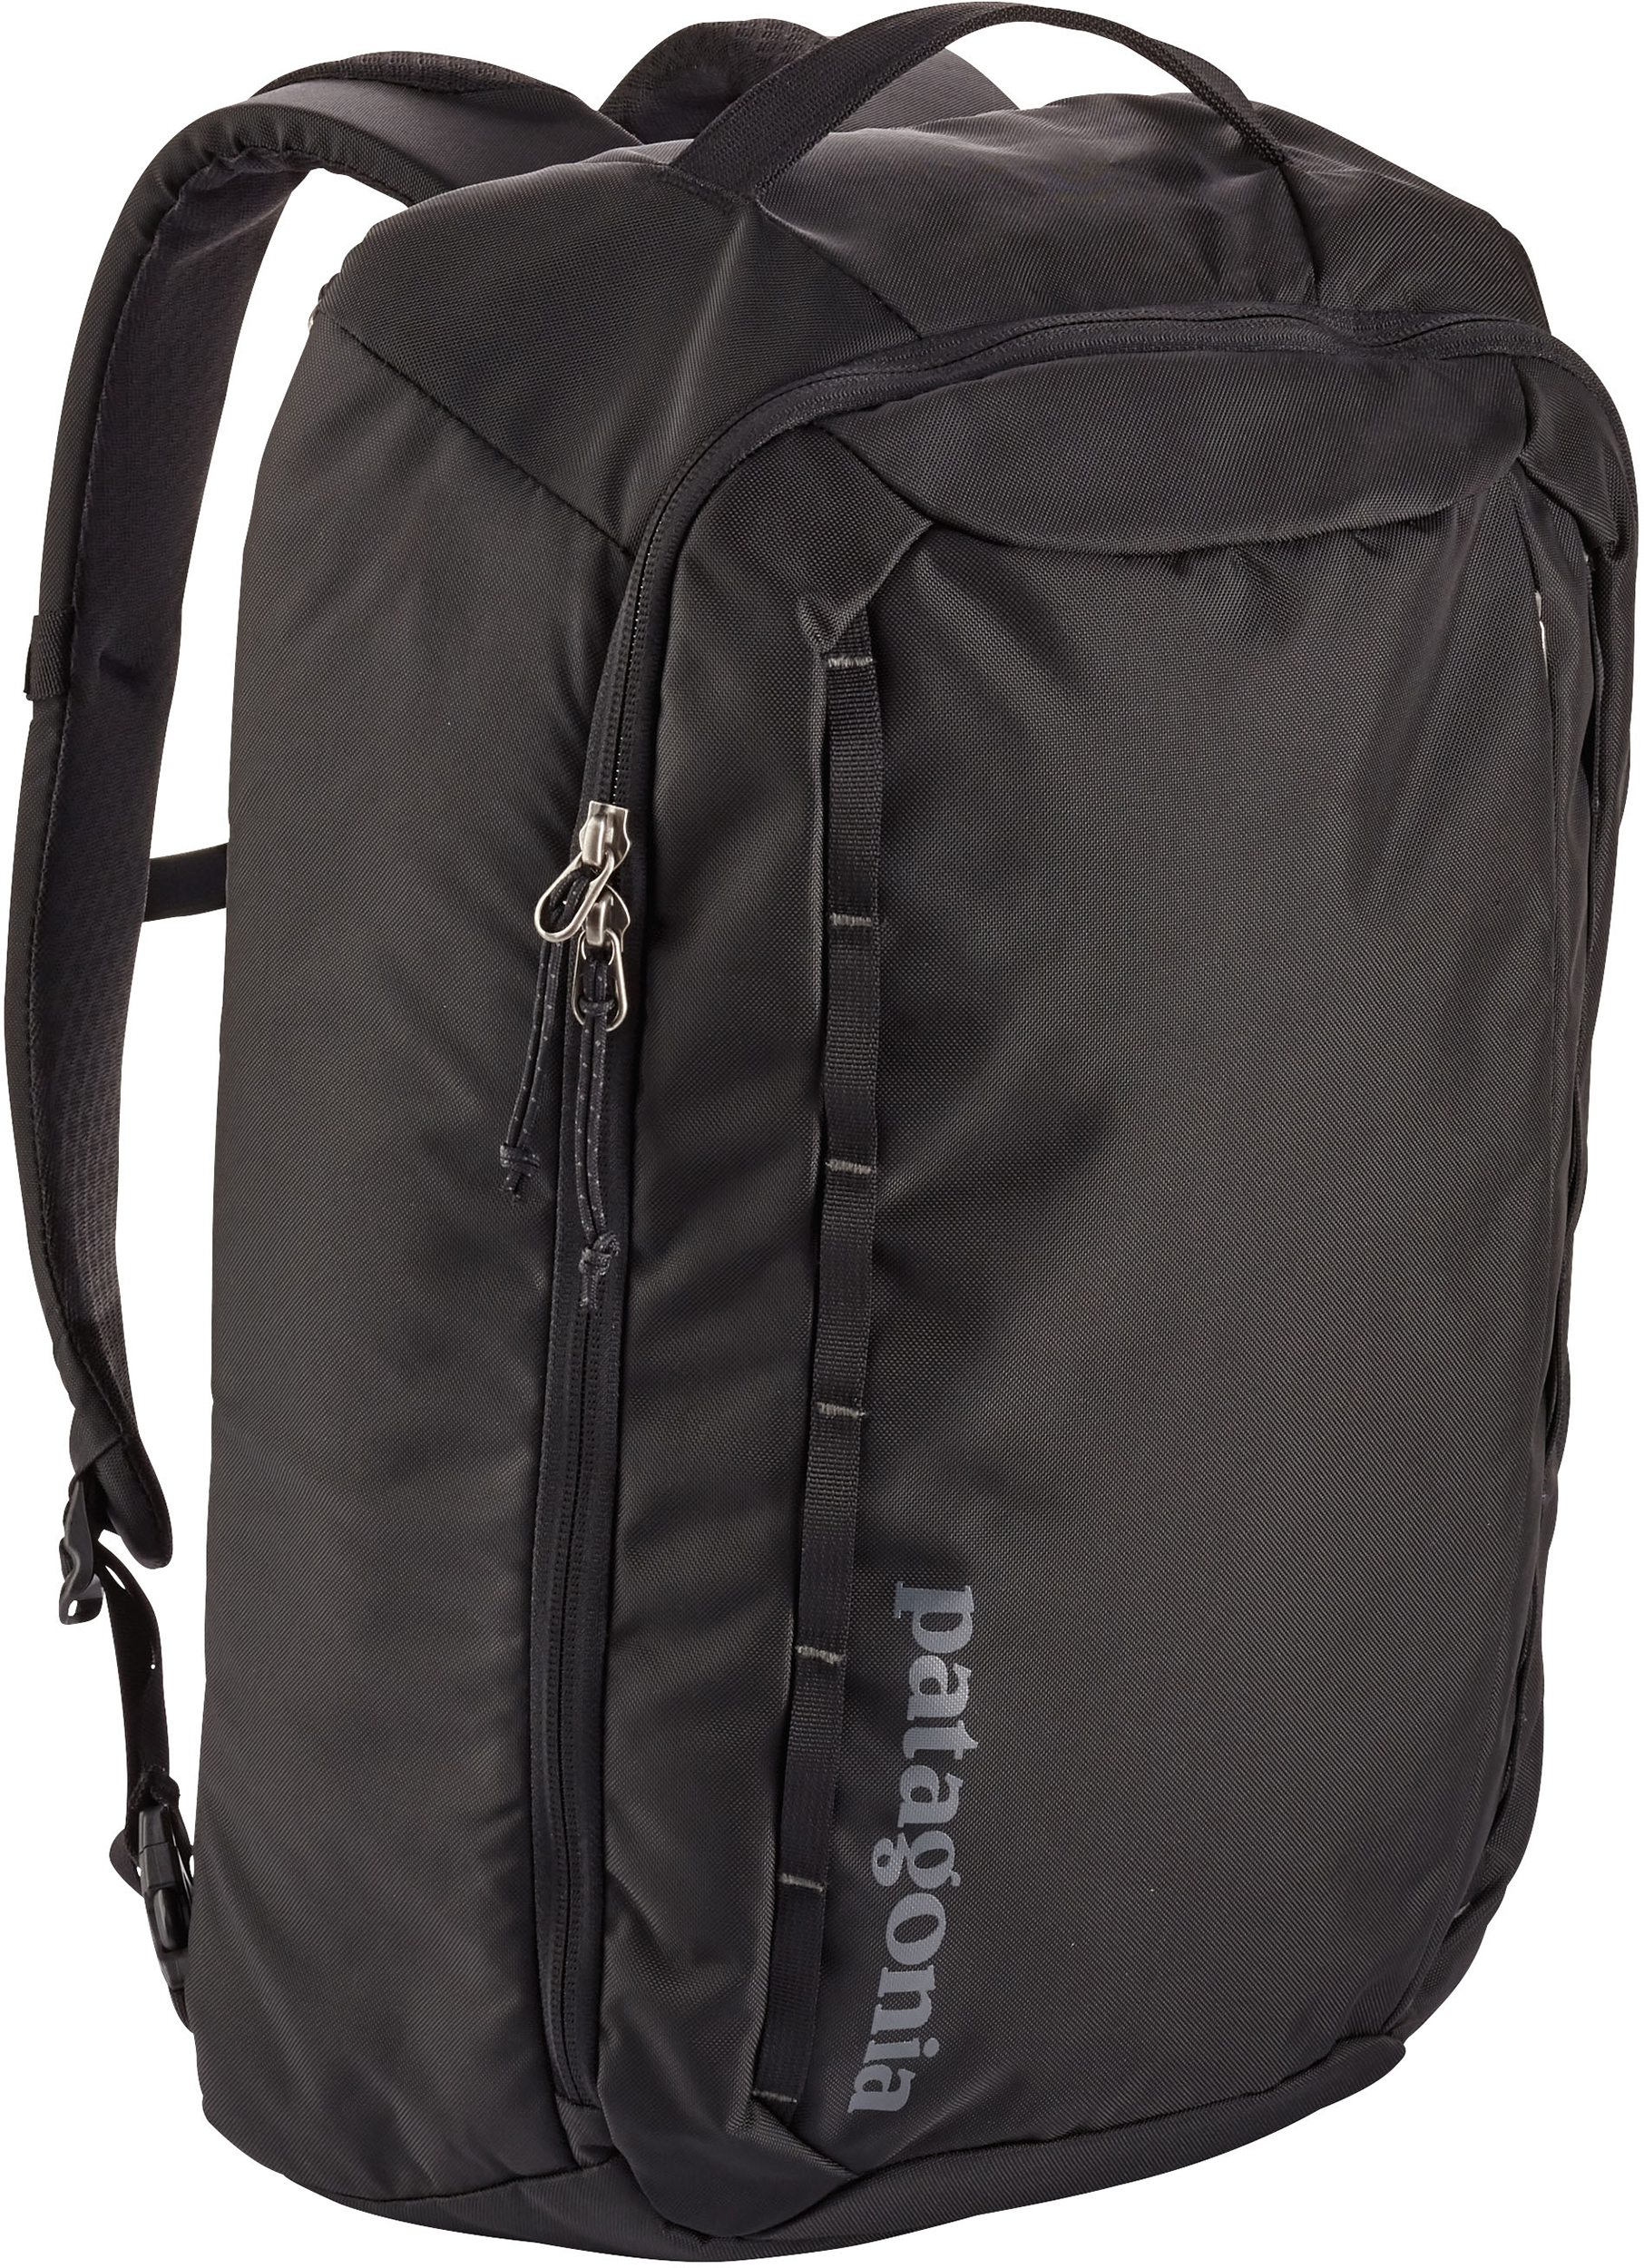 212b8edef Packs and bags | MEC